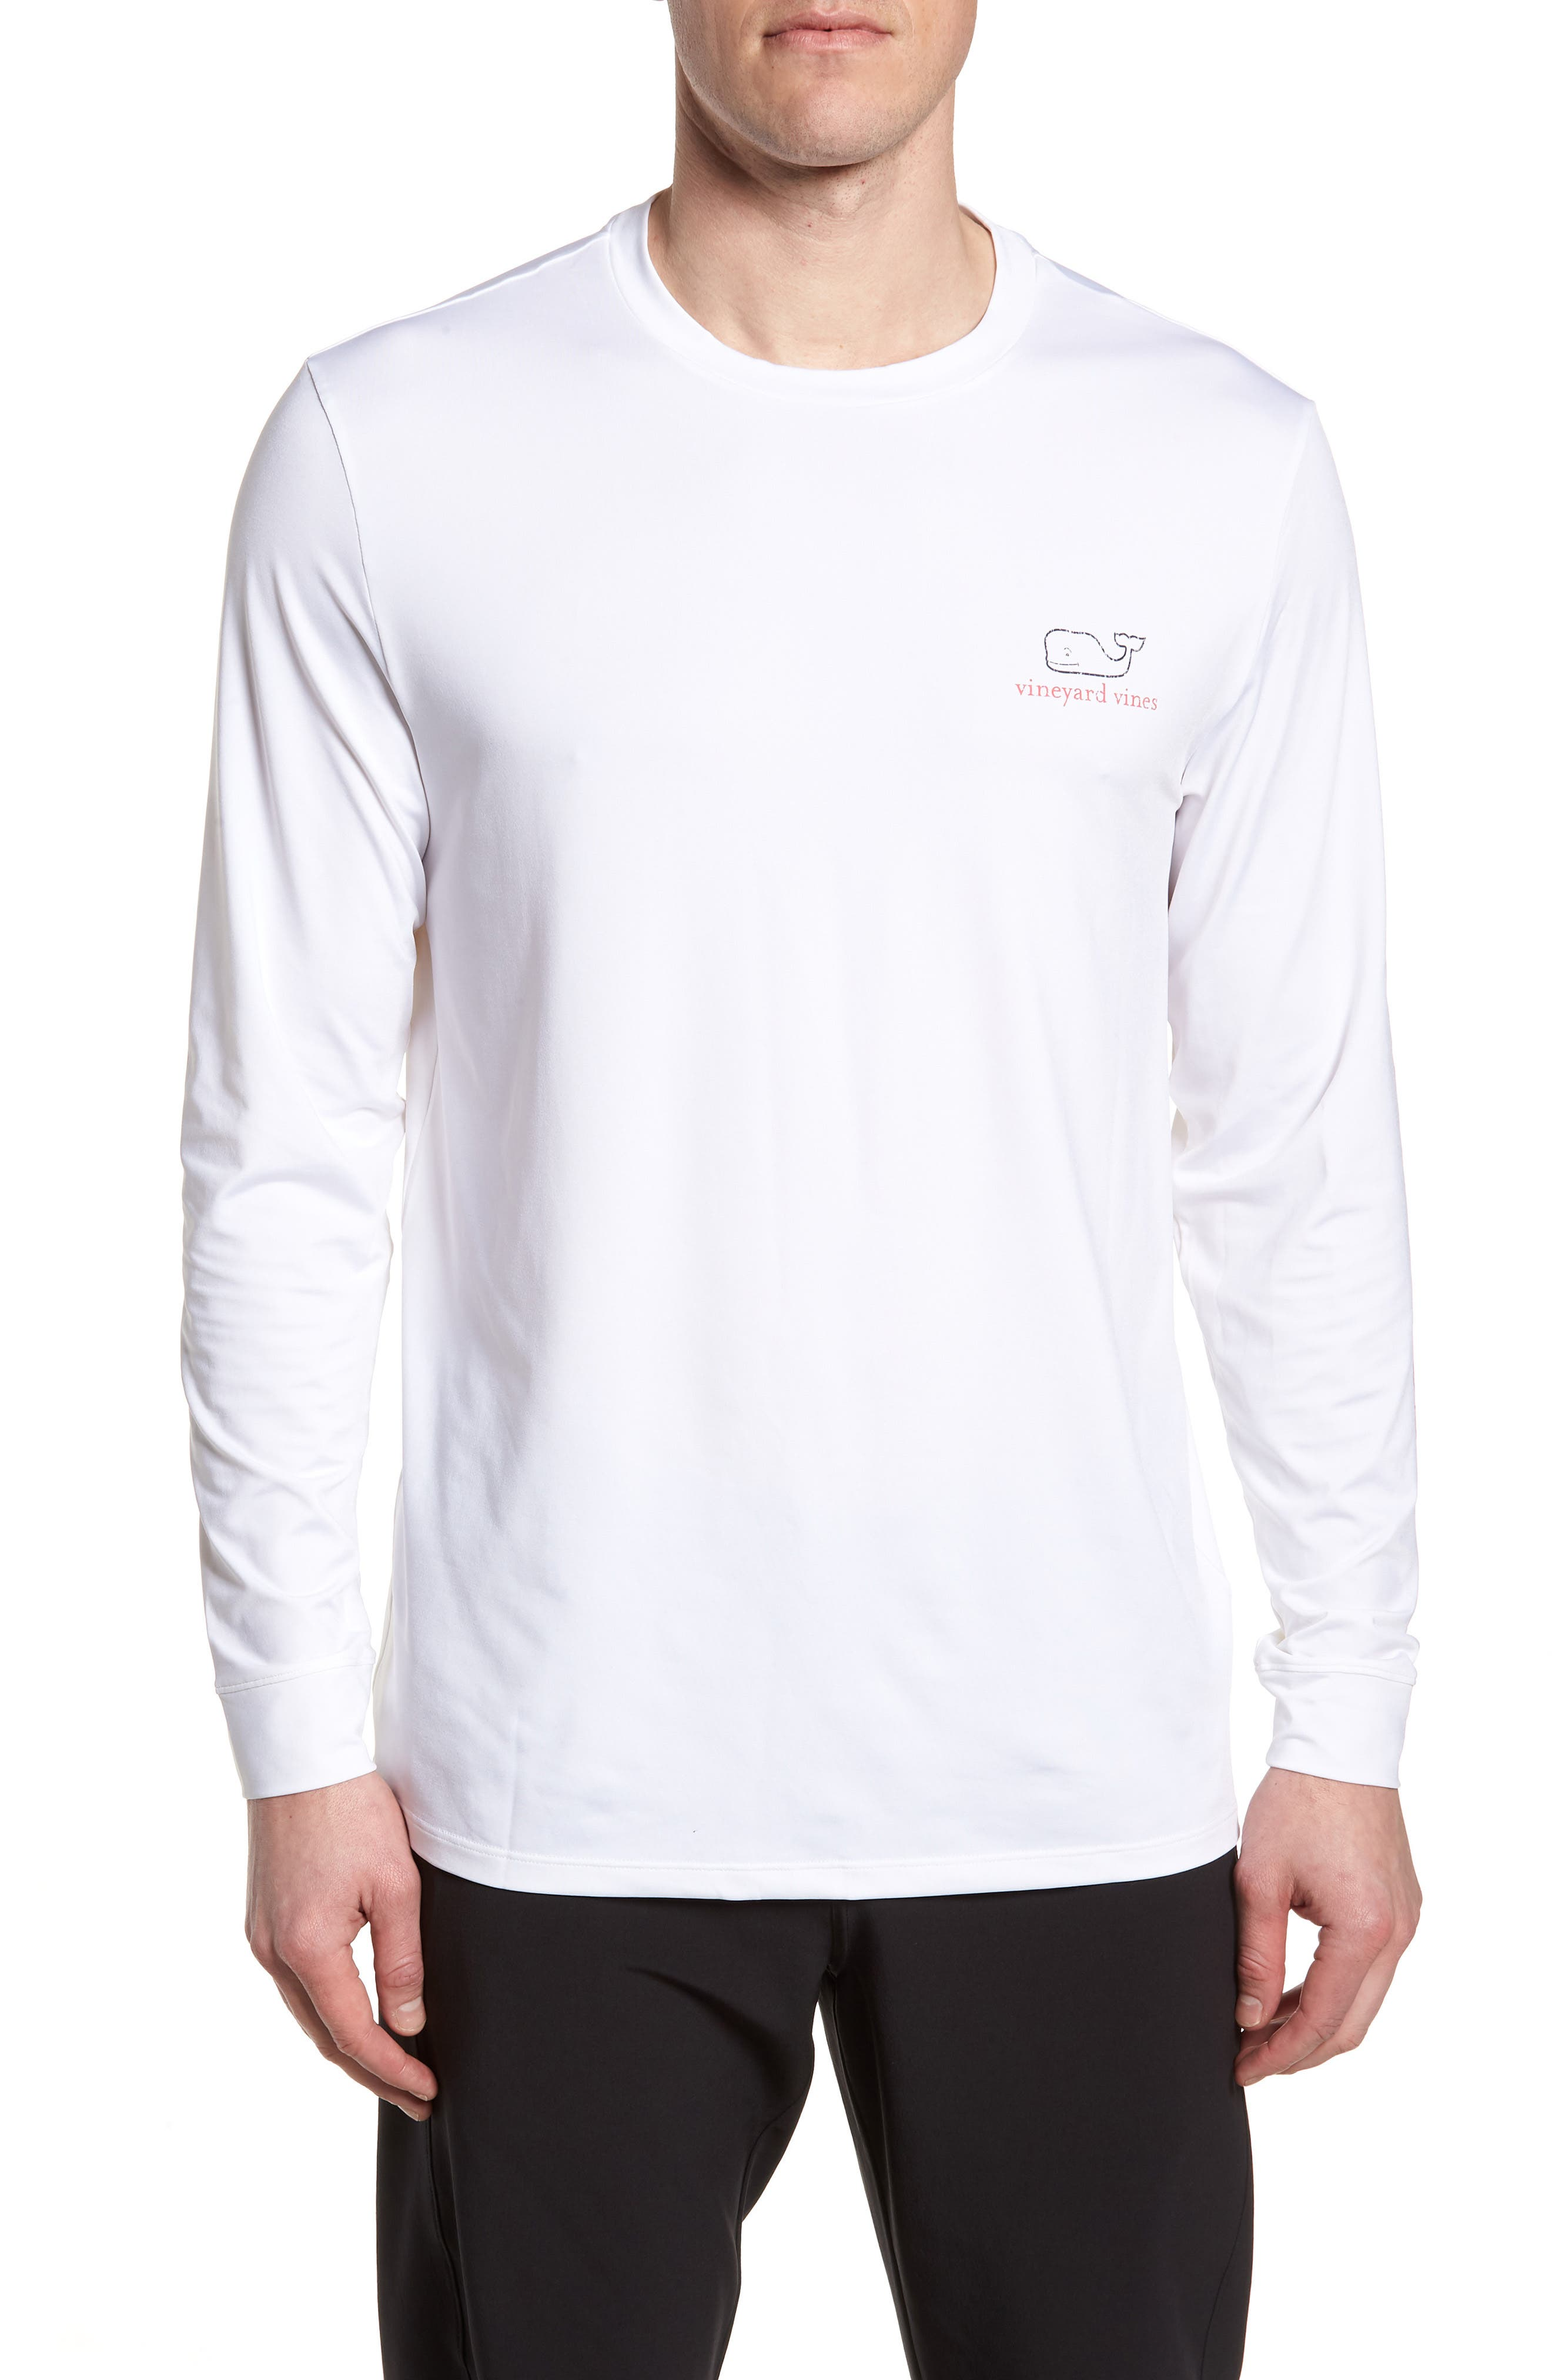 Vintage Whale Performance T-Shirt,                         Main,                         color, 100